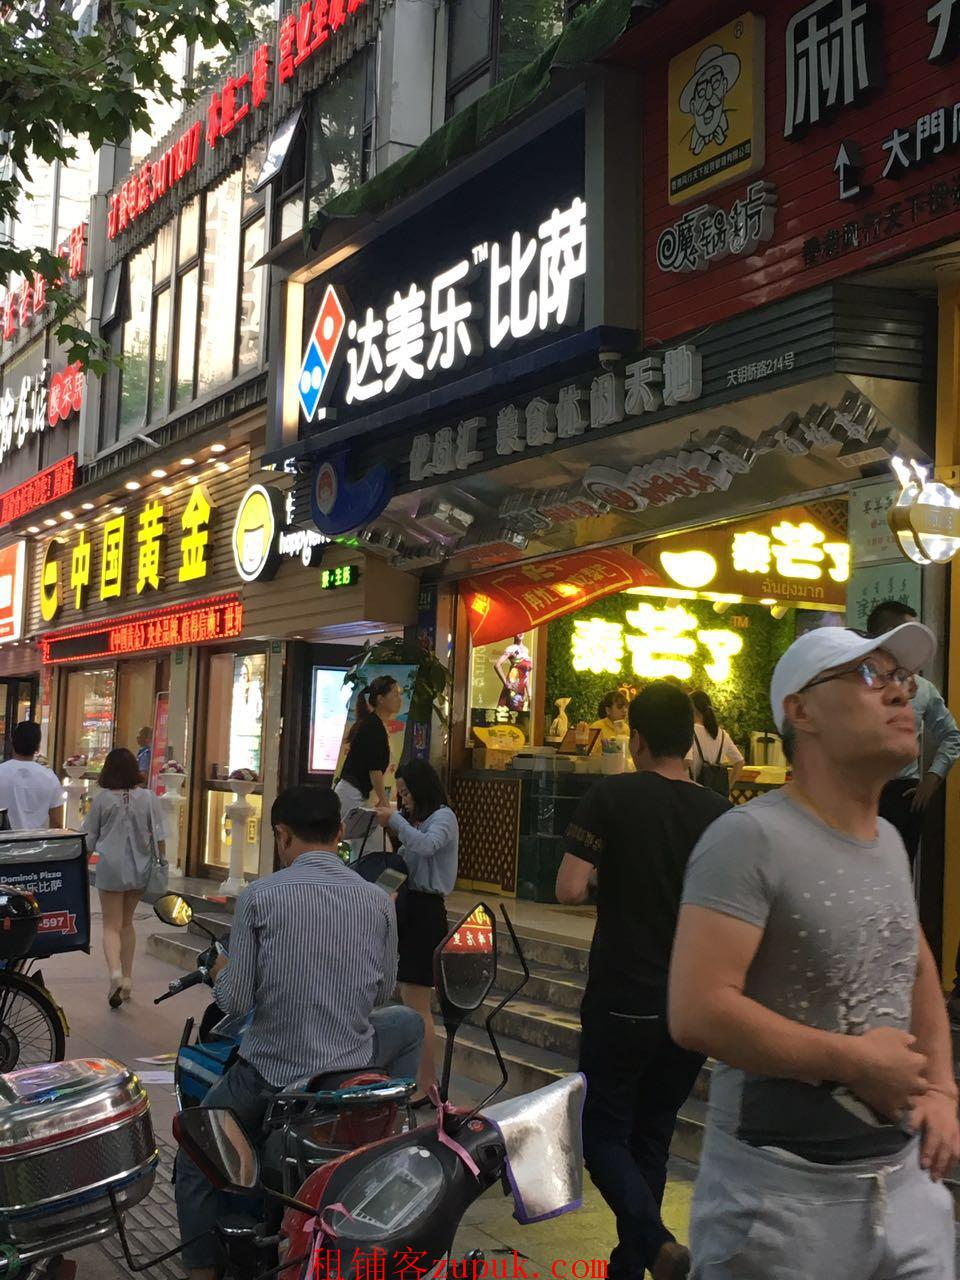 共和新路沿街重餐饮小吃旺铺,可葱油饼小吃炸鸡串串等